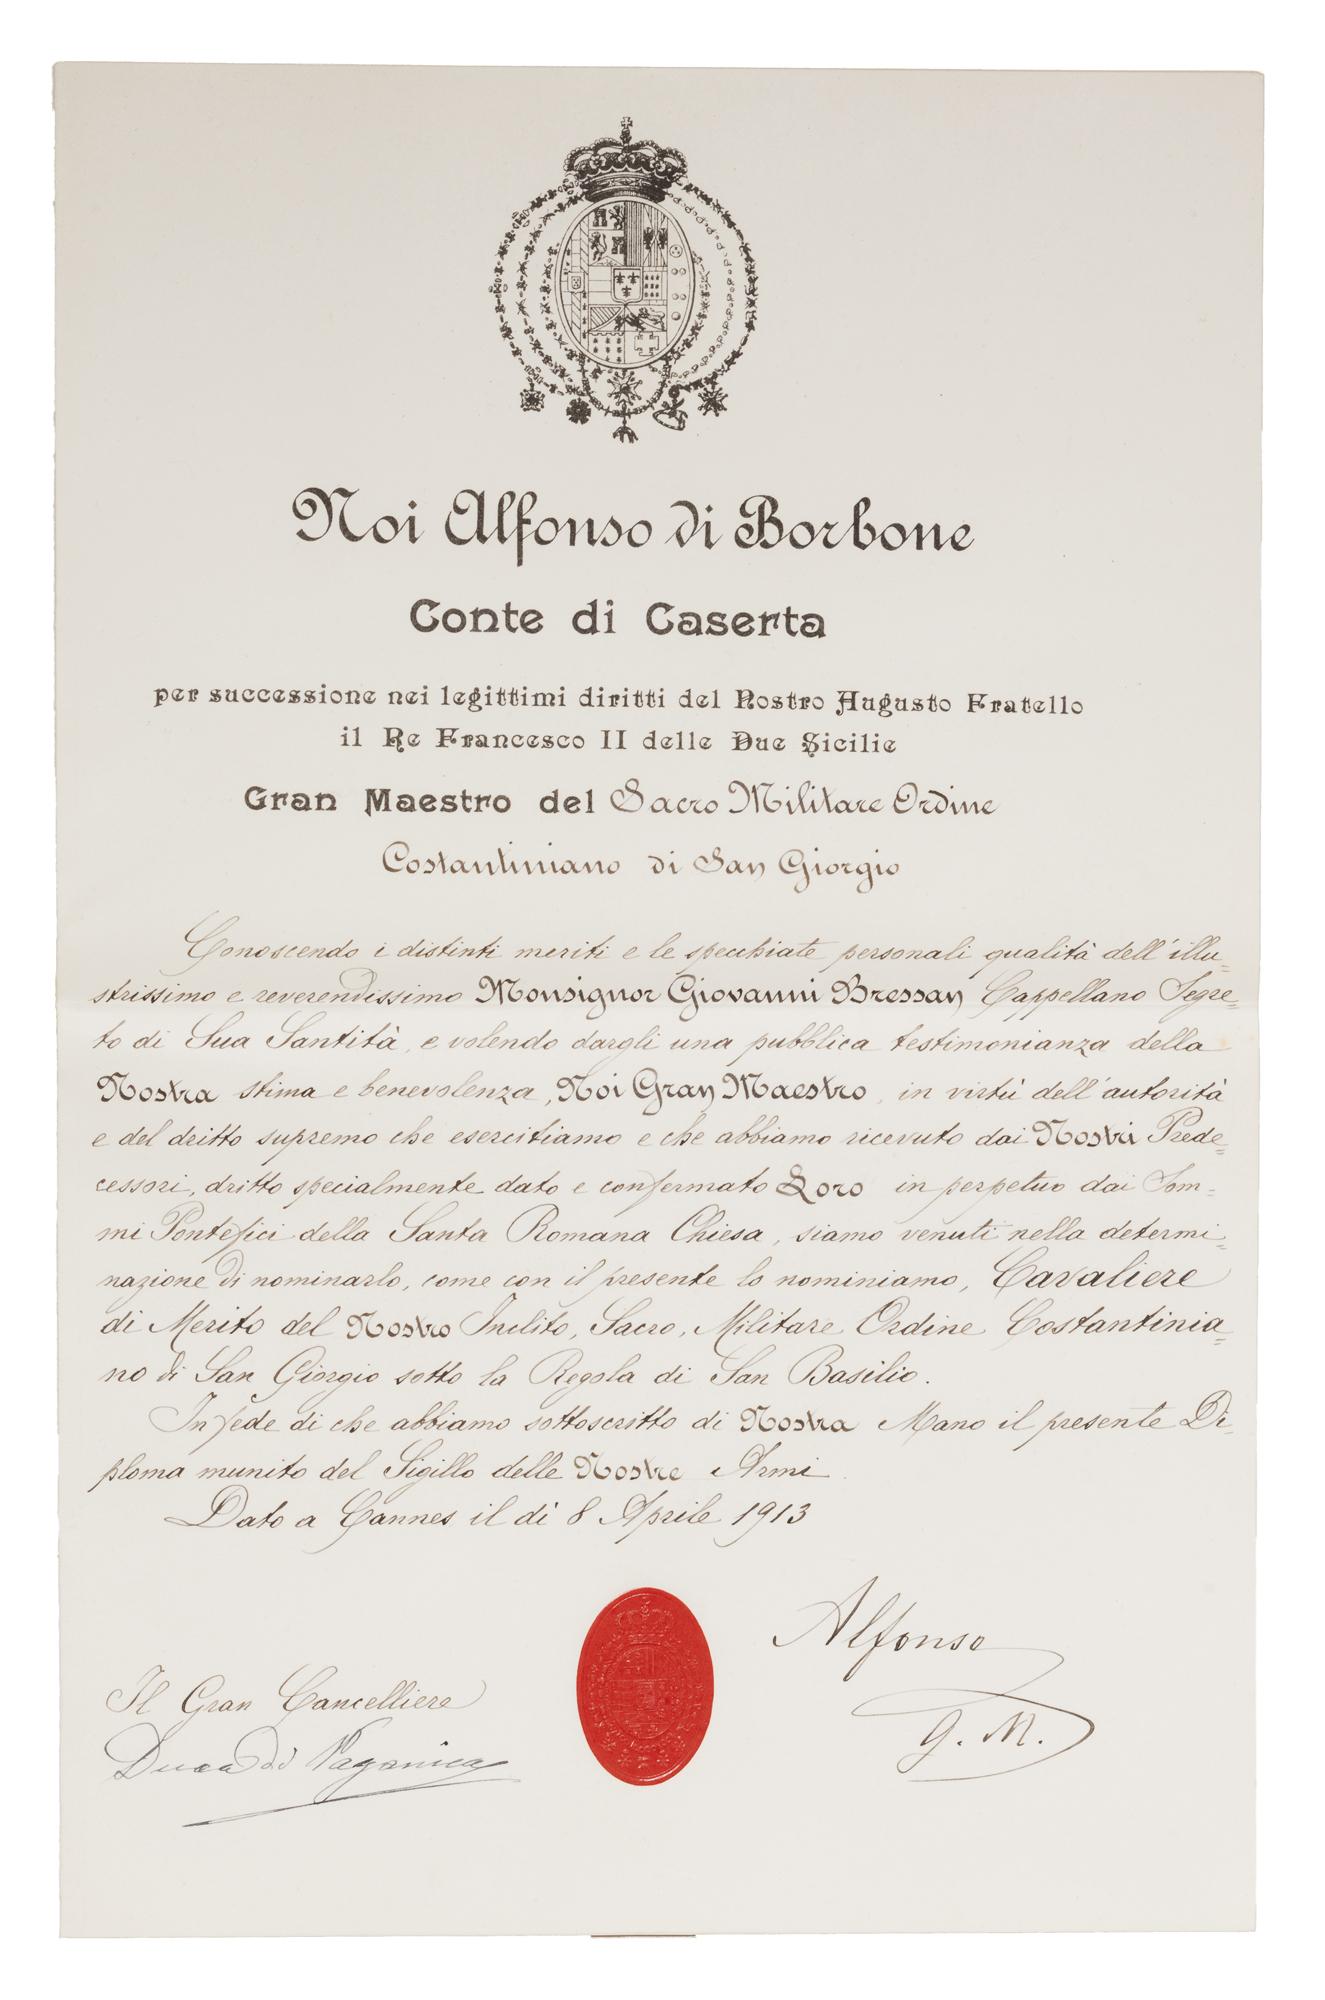 Diploma di cavaliere dell'Ordine Costantiniano di S.Giorgio